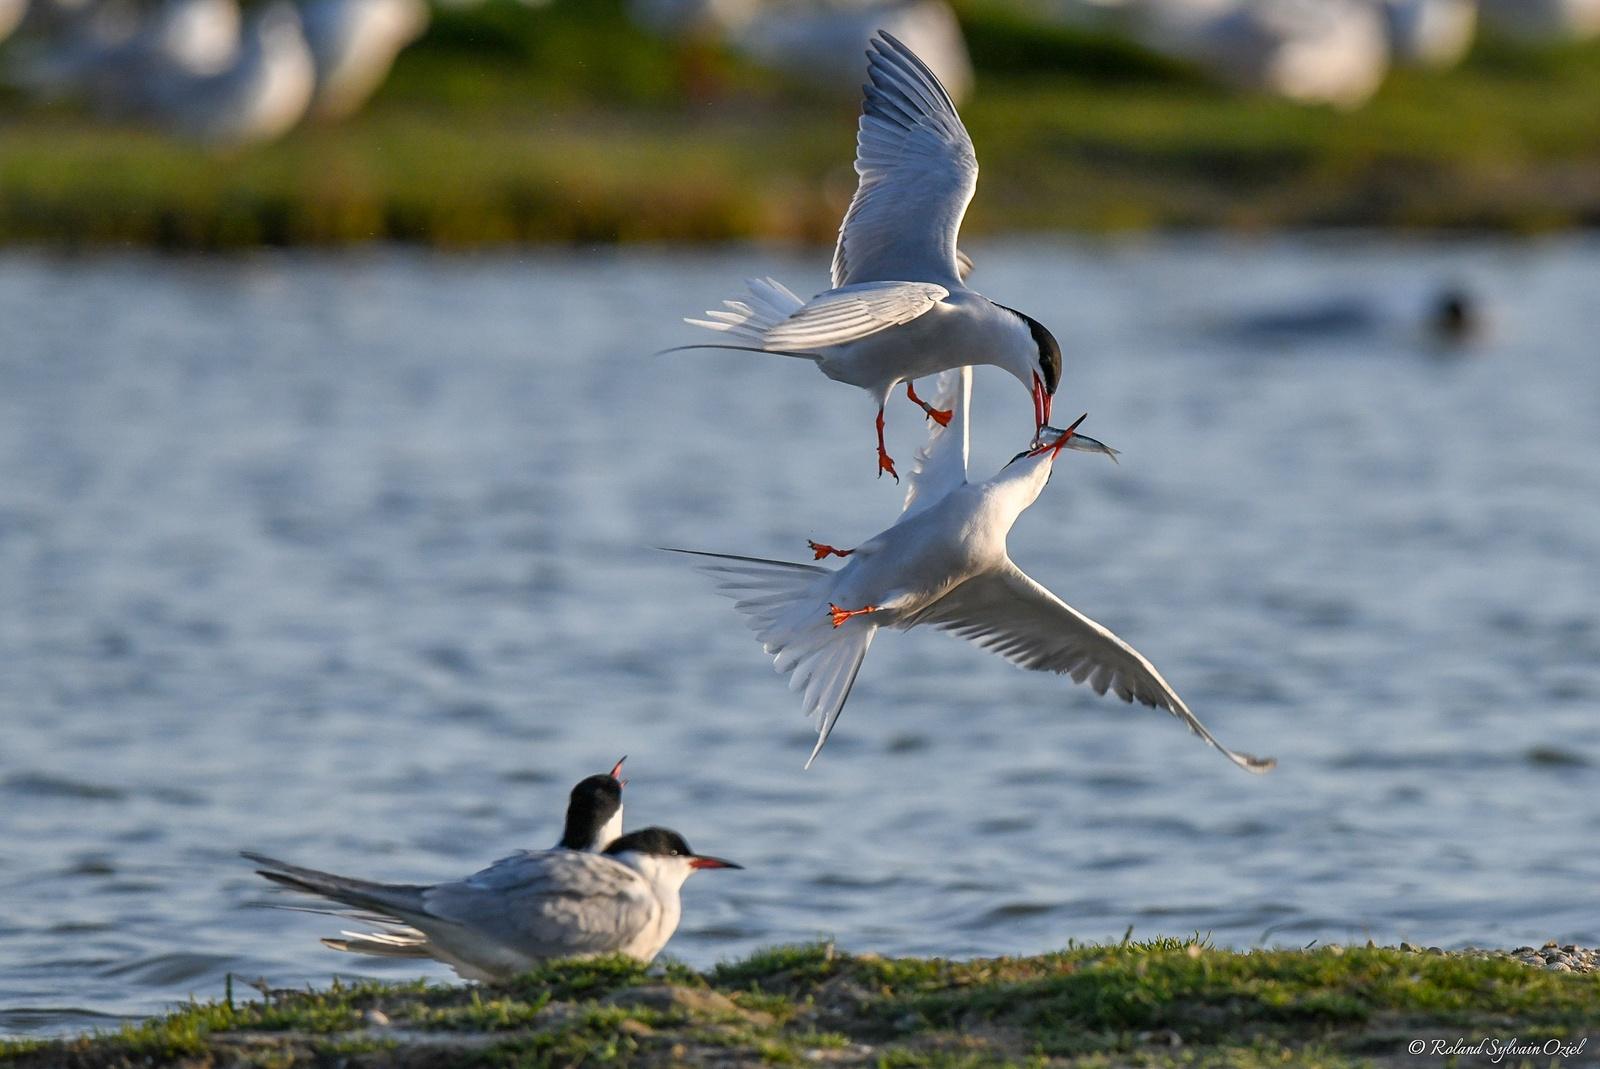 Gite pour observer les oiseaux en Vendée